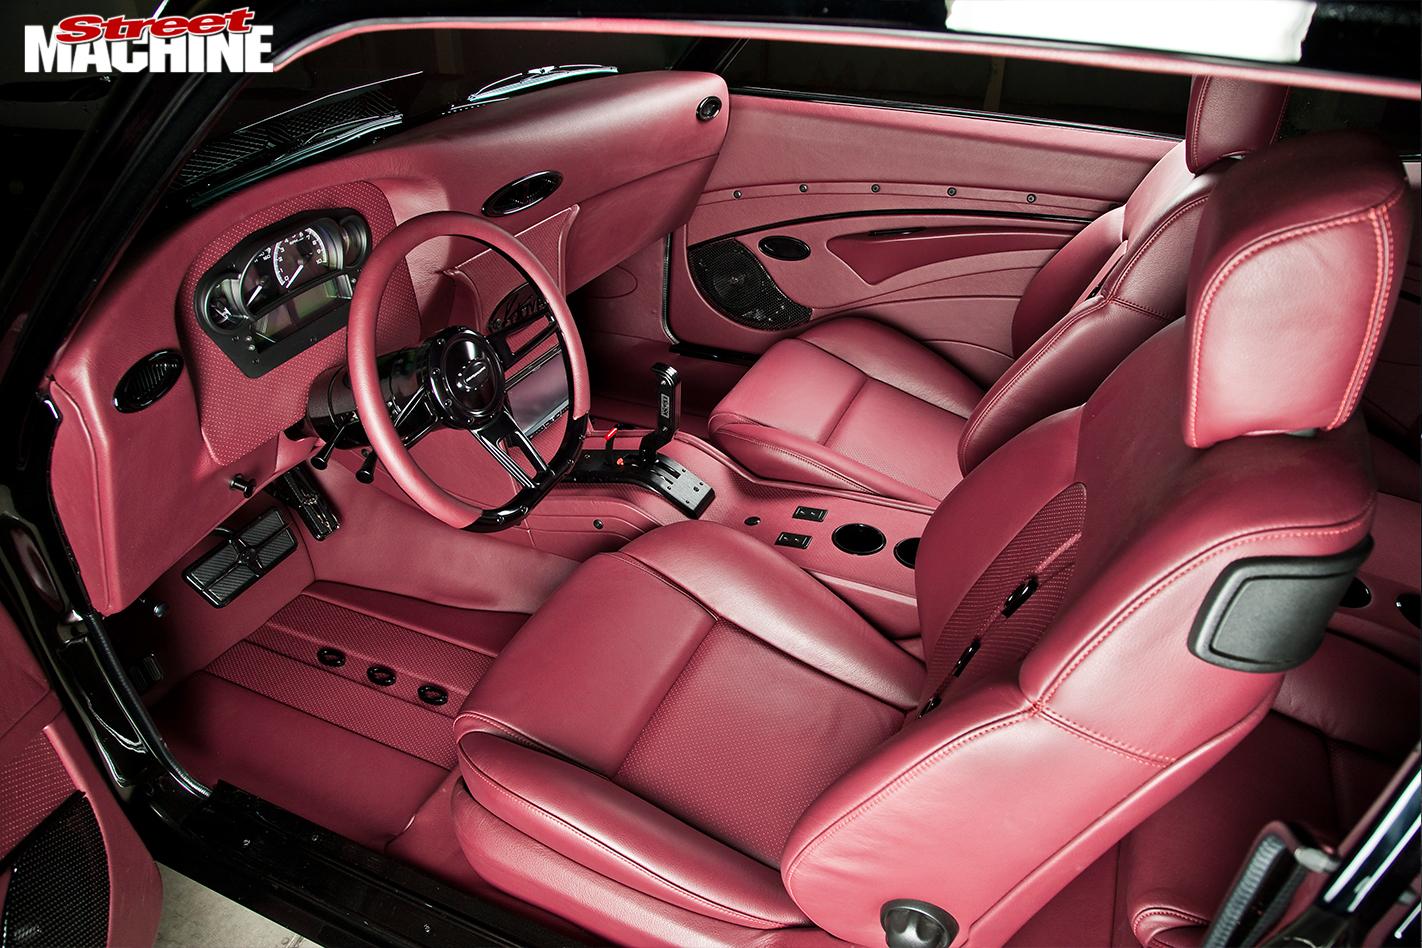 KAM-Nova -Chevy -interior -front